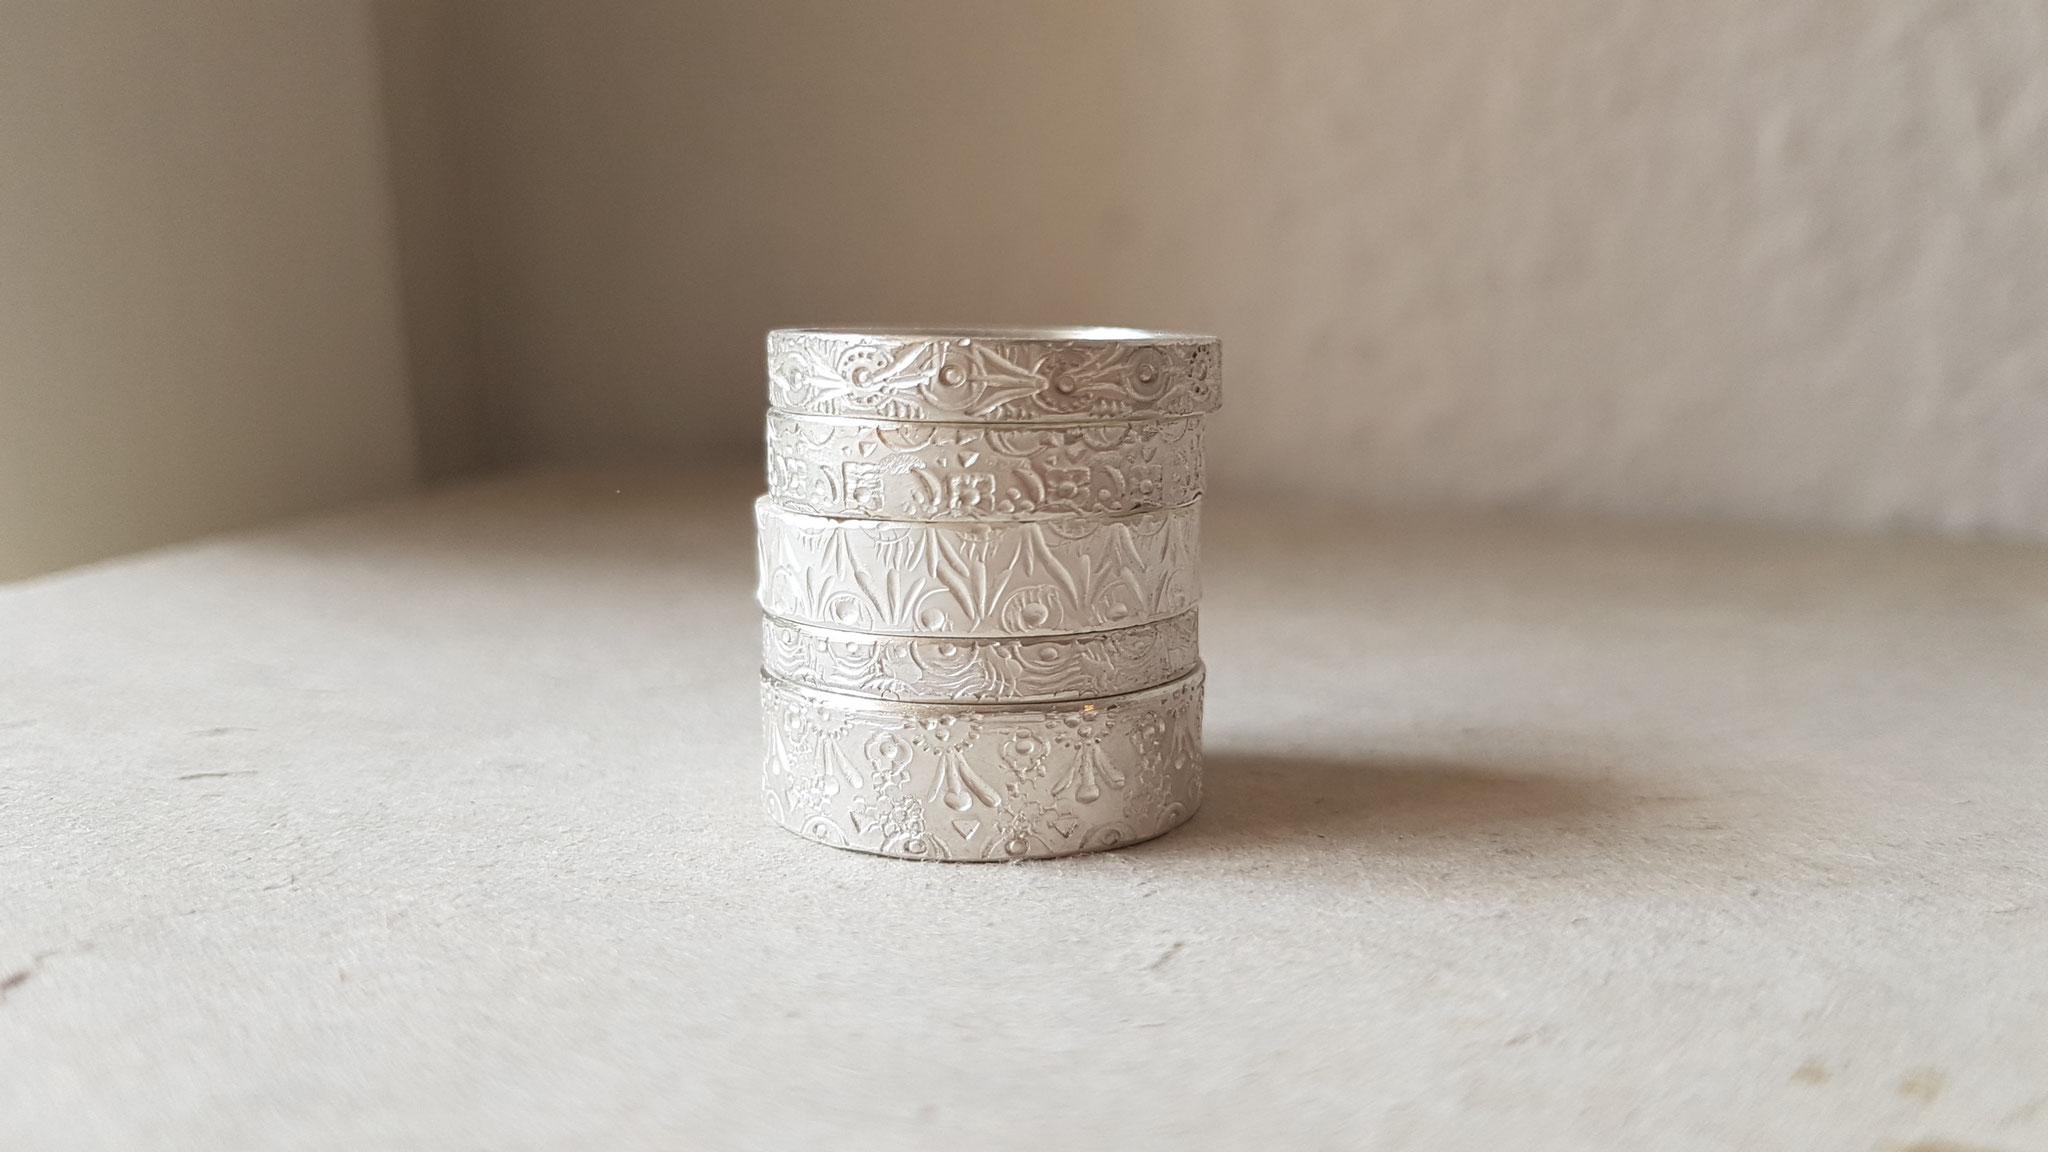 Ringe in Silber 925, ziseliert und weißgesiedet